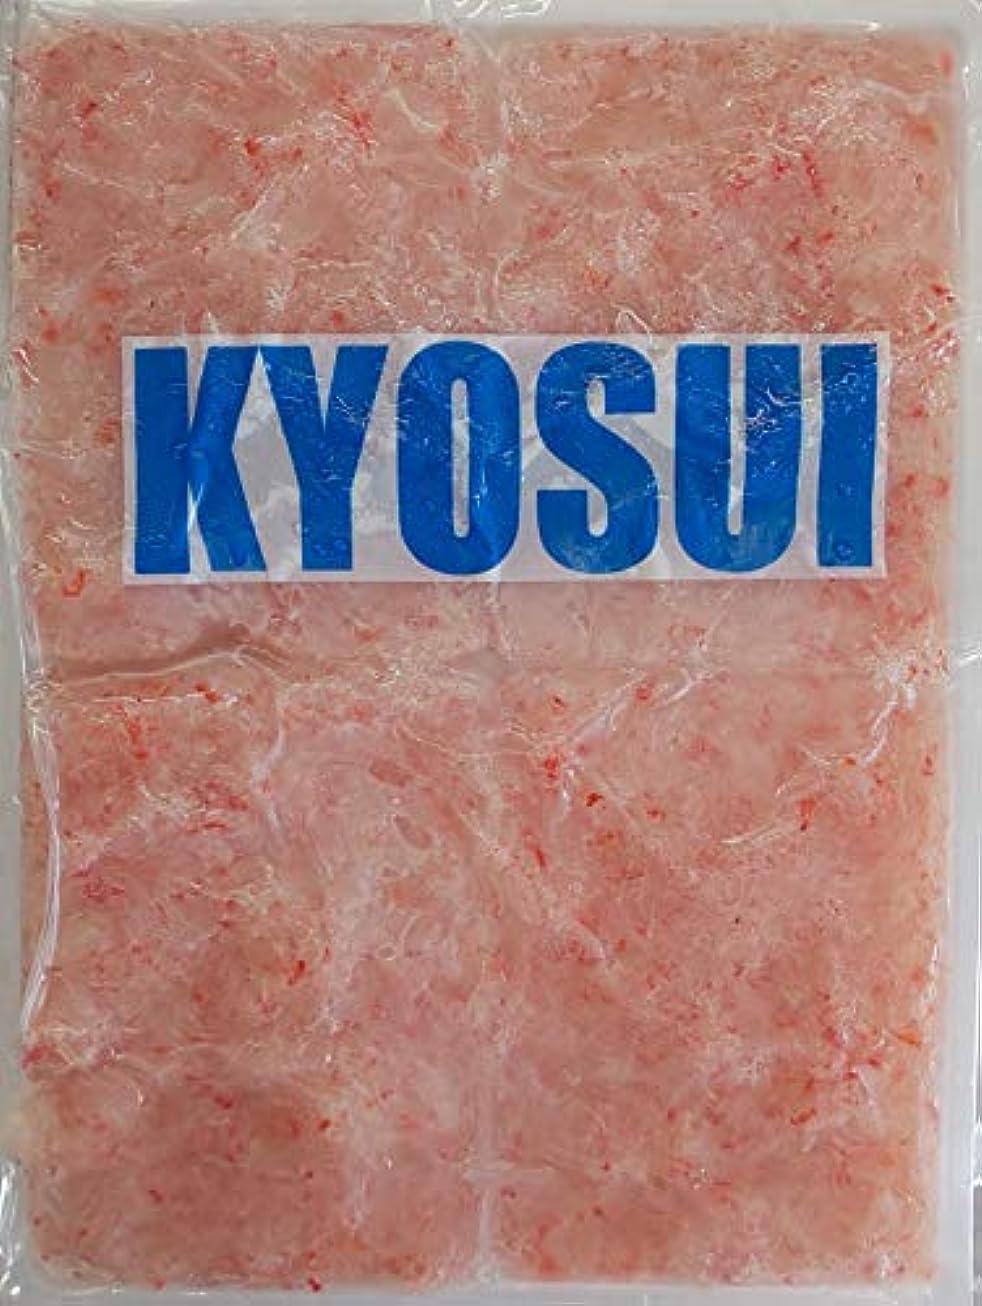 端煙突従事するお徳用 紅ズワイガニフレーク 1kg ずわい カニ 激安 ズワイ蟹 フレーク